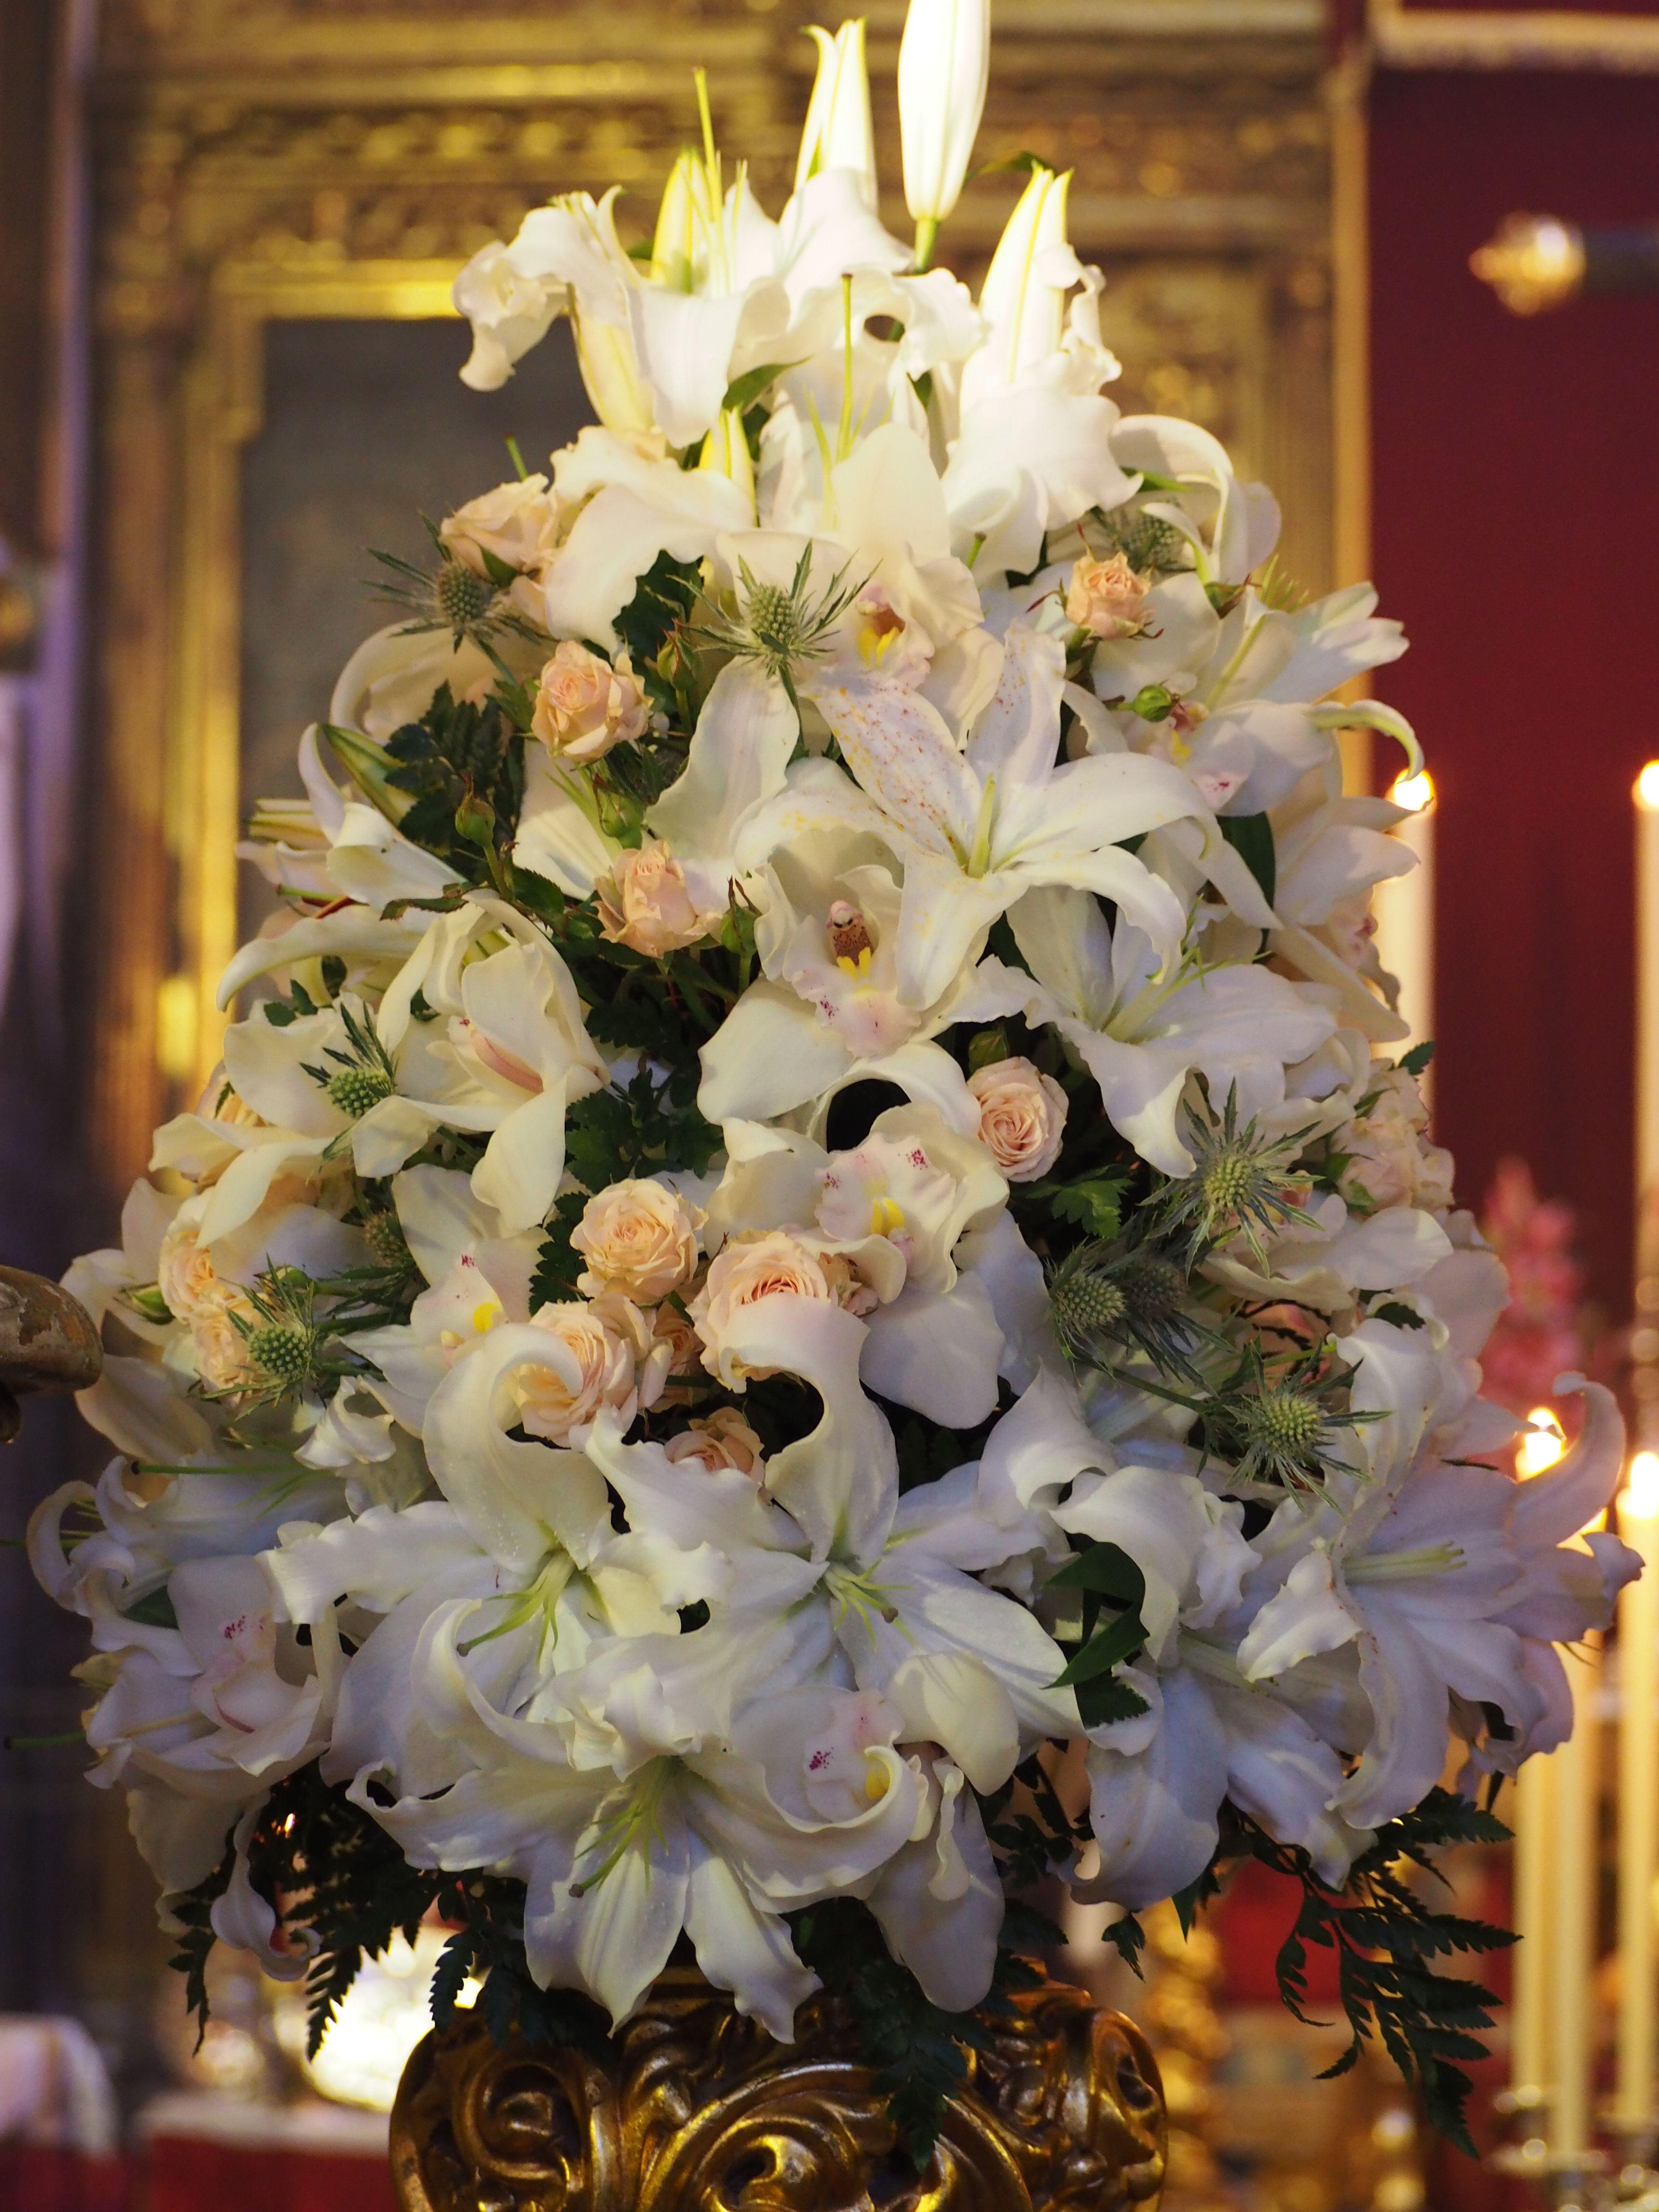 Virgen Del Buen Fin Hermandad De La Lanzada Sevilla Flores Floristería Ramos